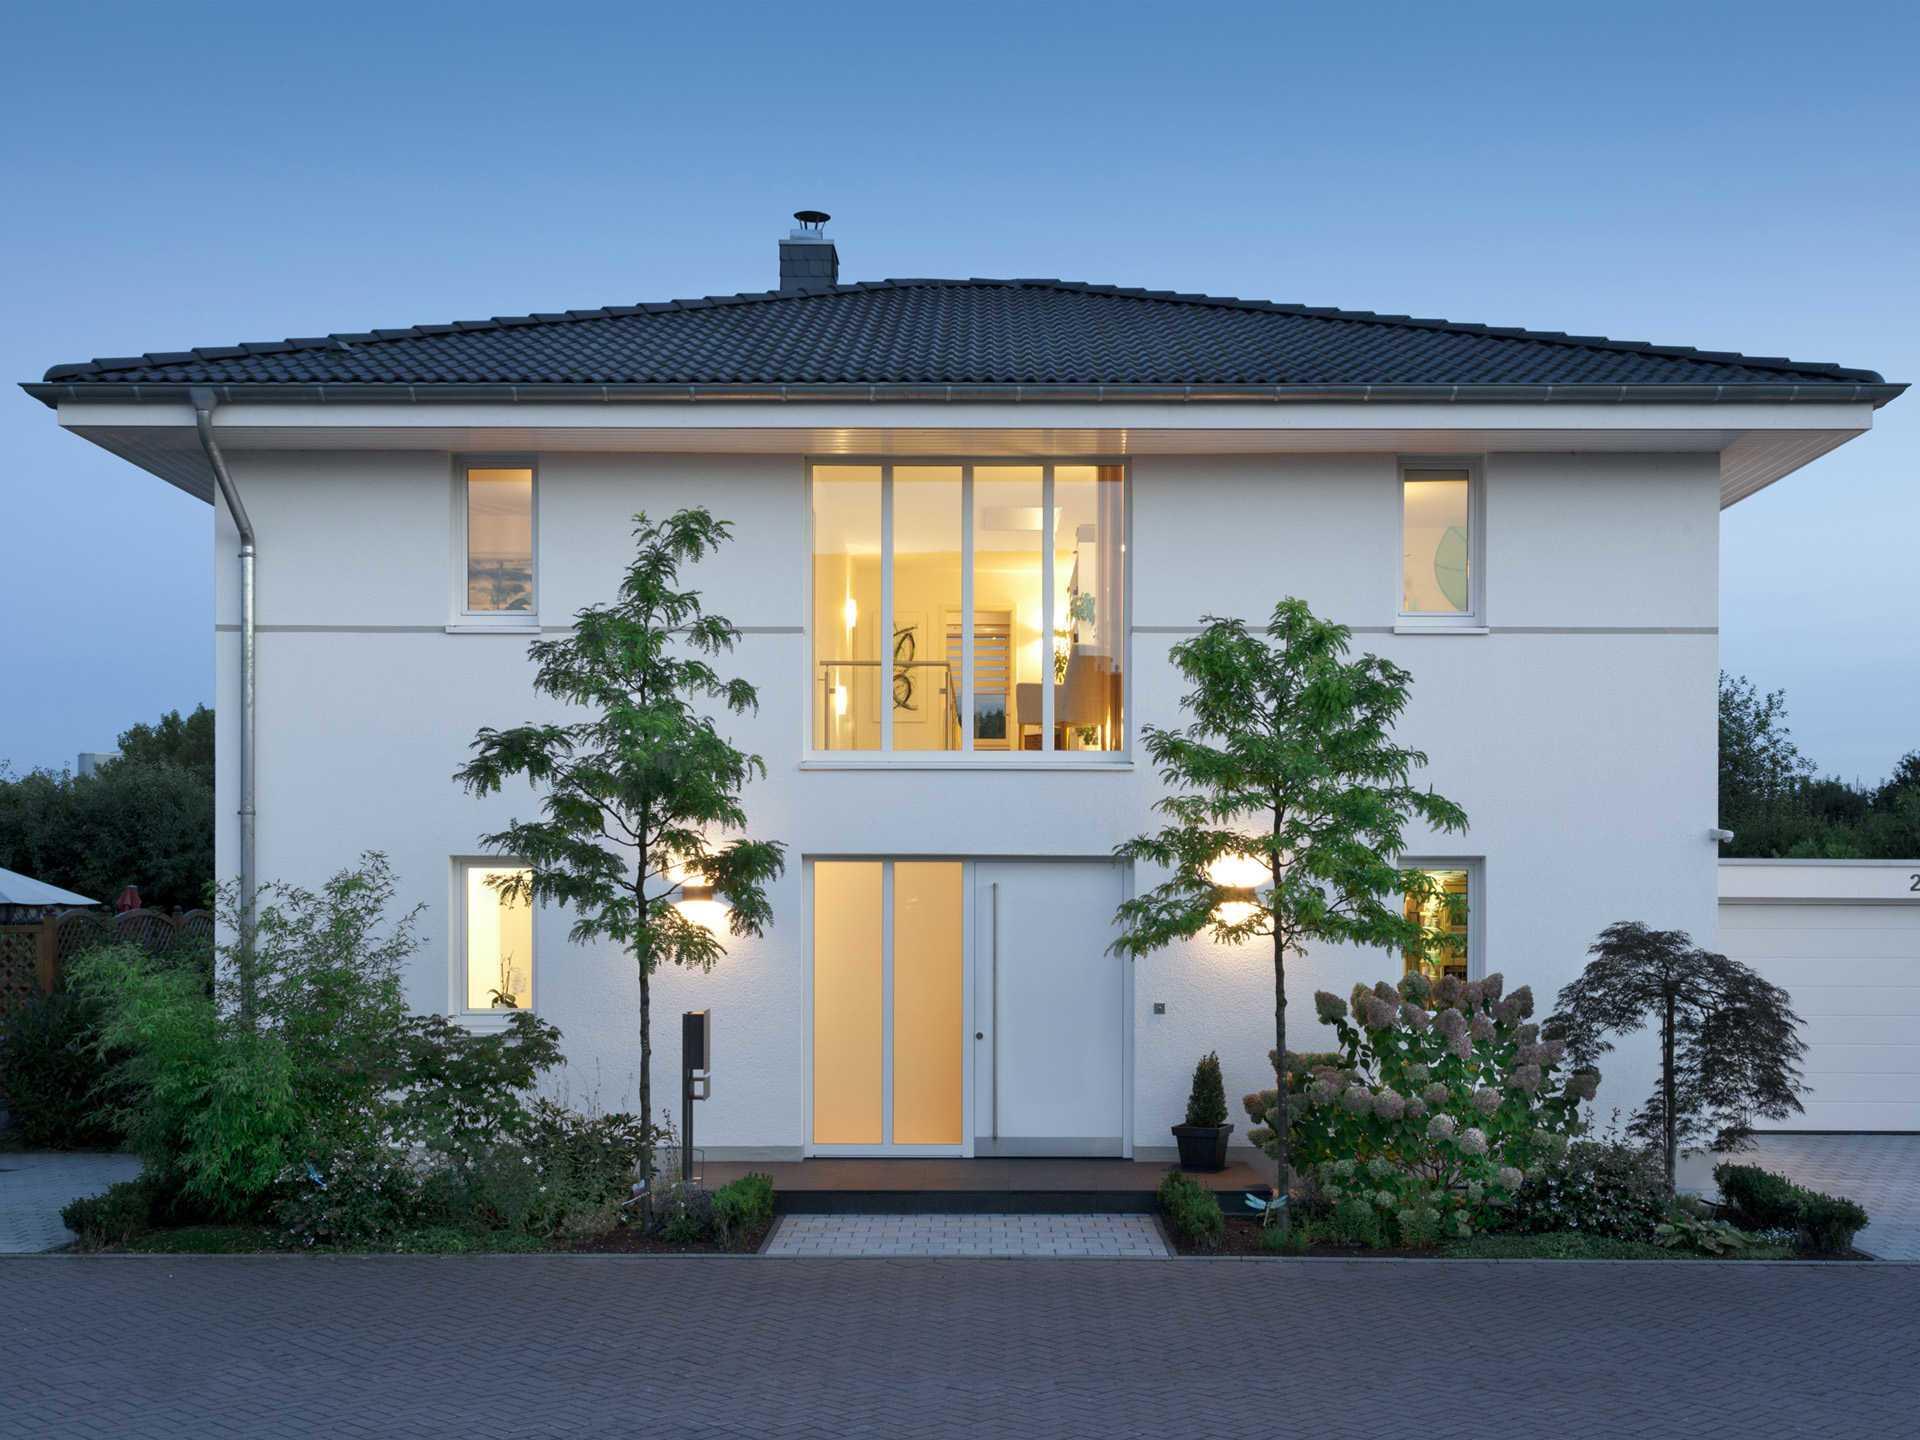 Haus Roentgenstrasse von Wirtz & Lück Wohnbau